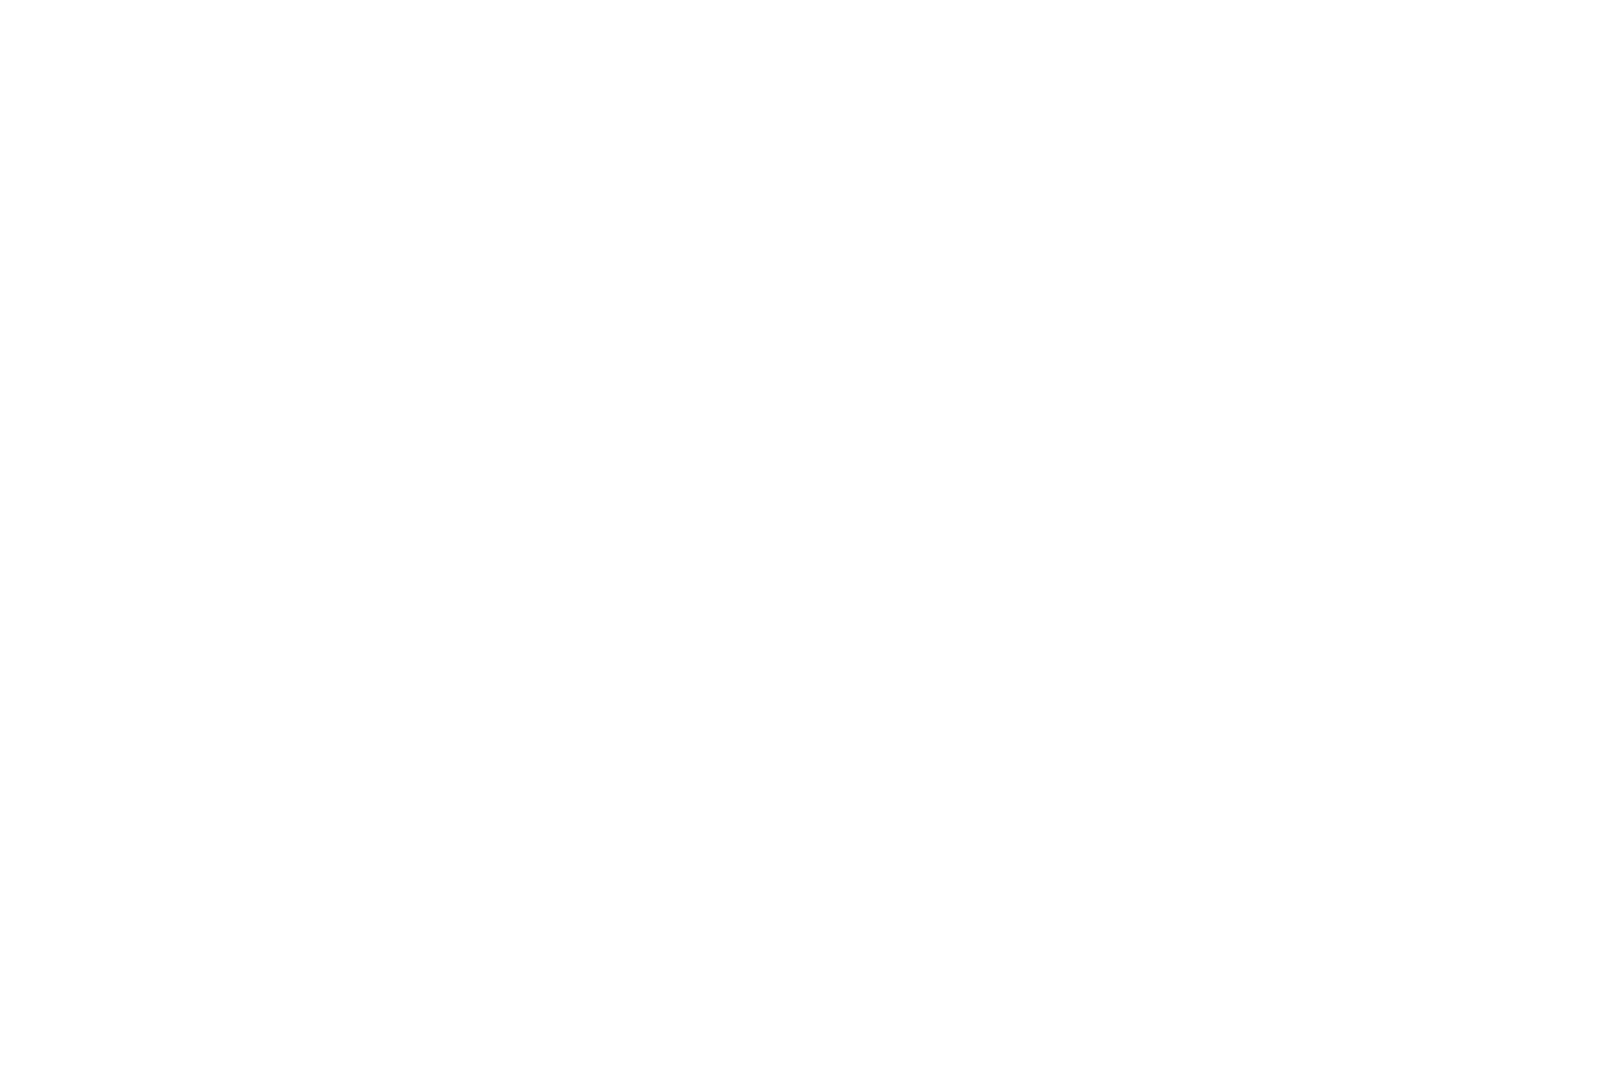 充血監督の深夜の運動会Vol.8 乳首   OL女体  50連発 10